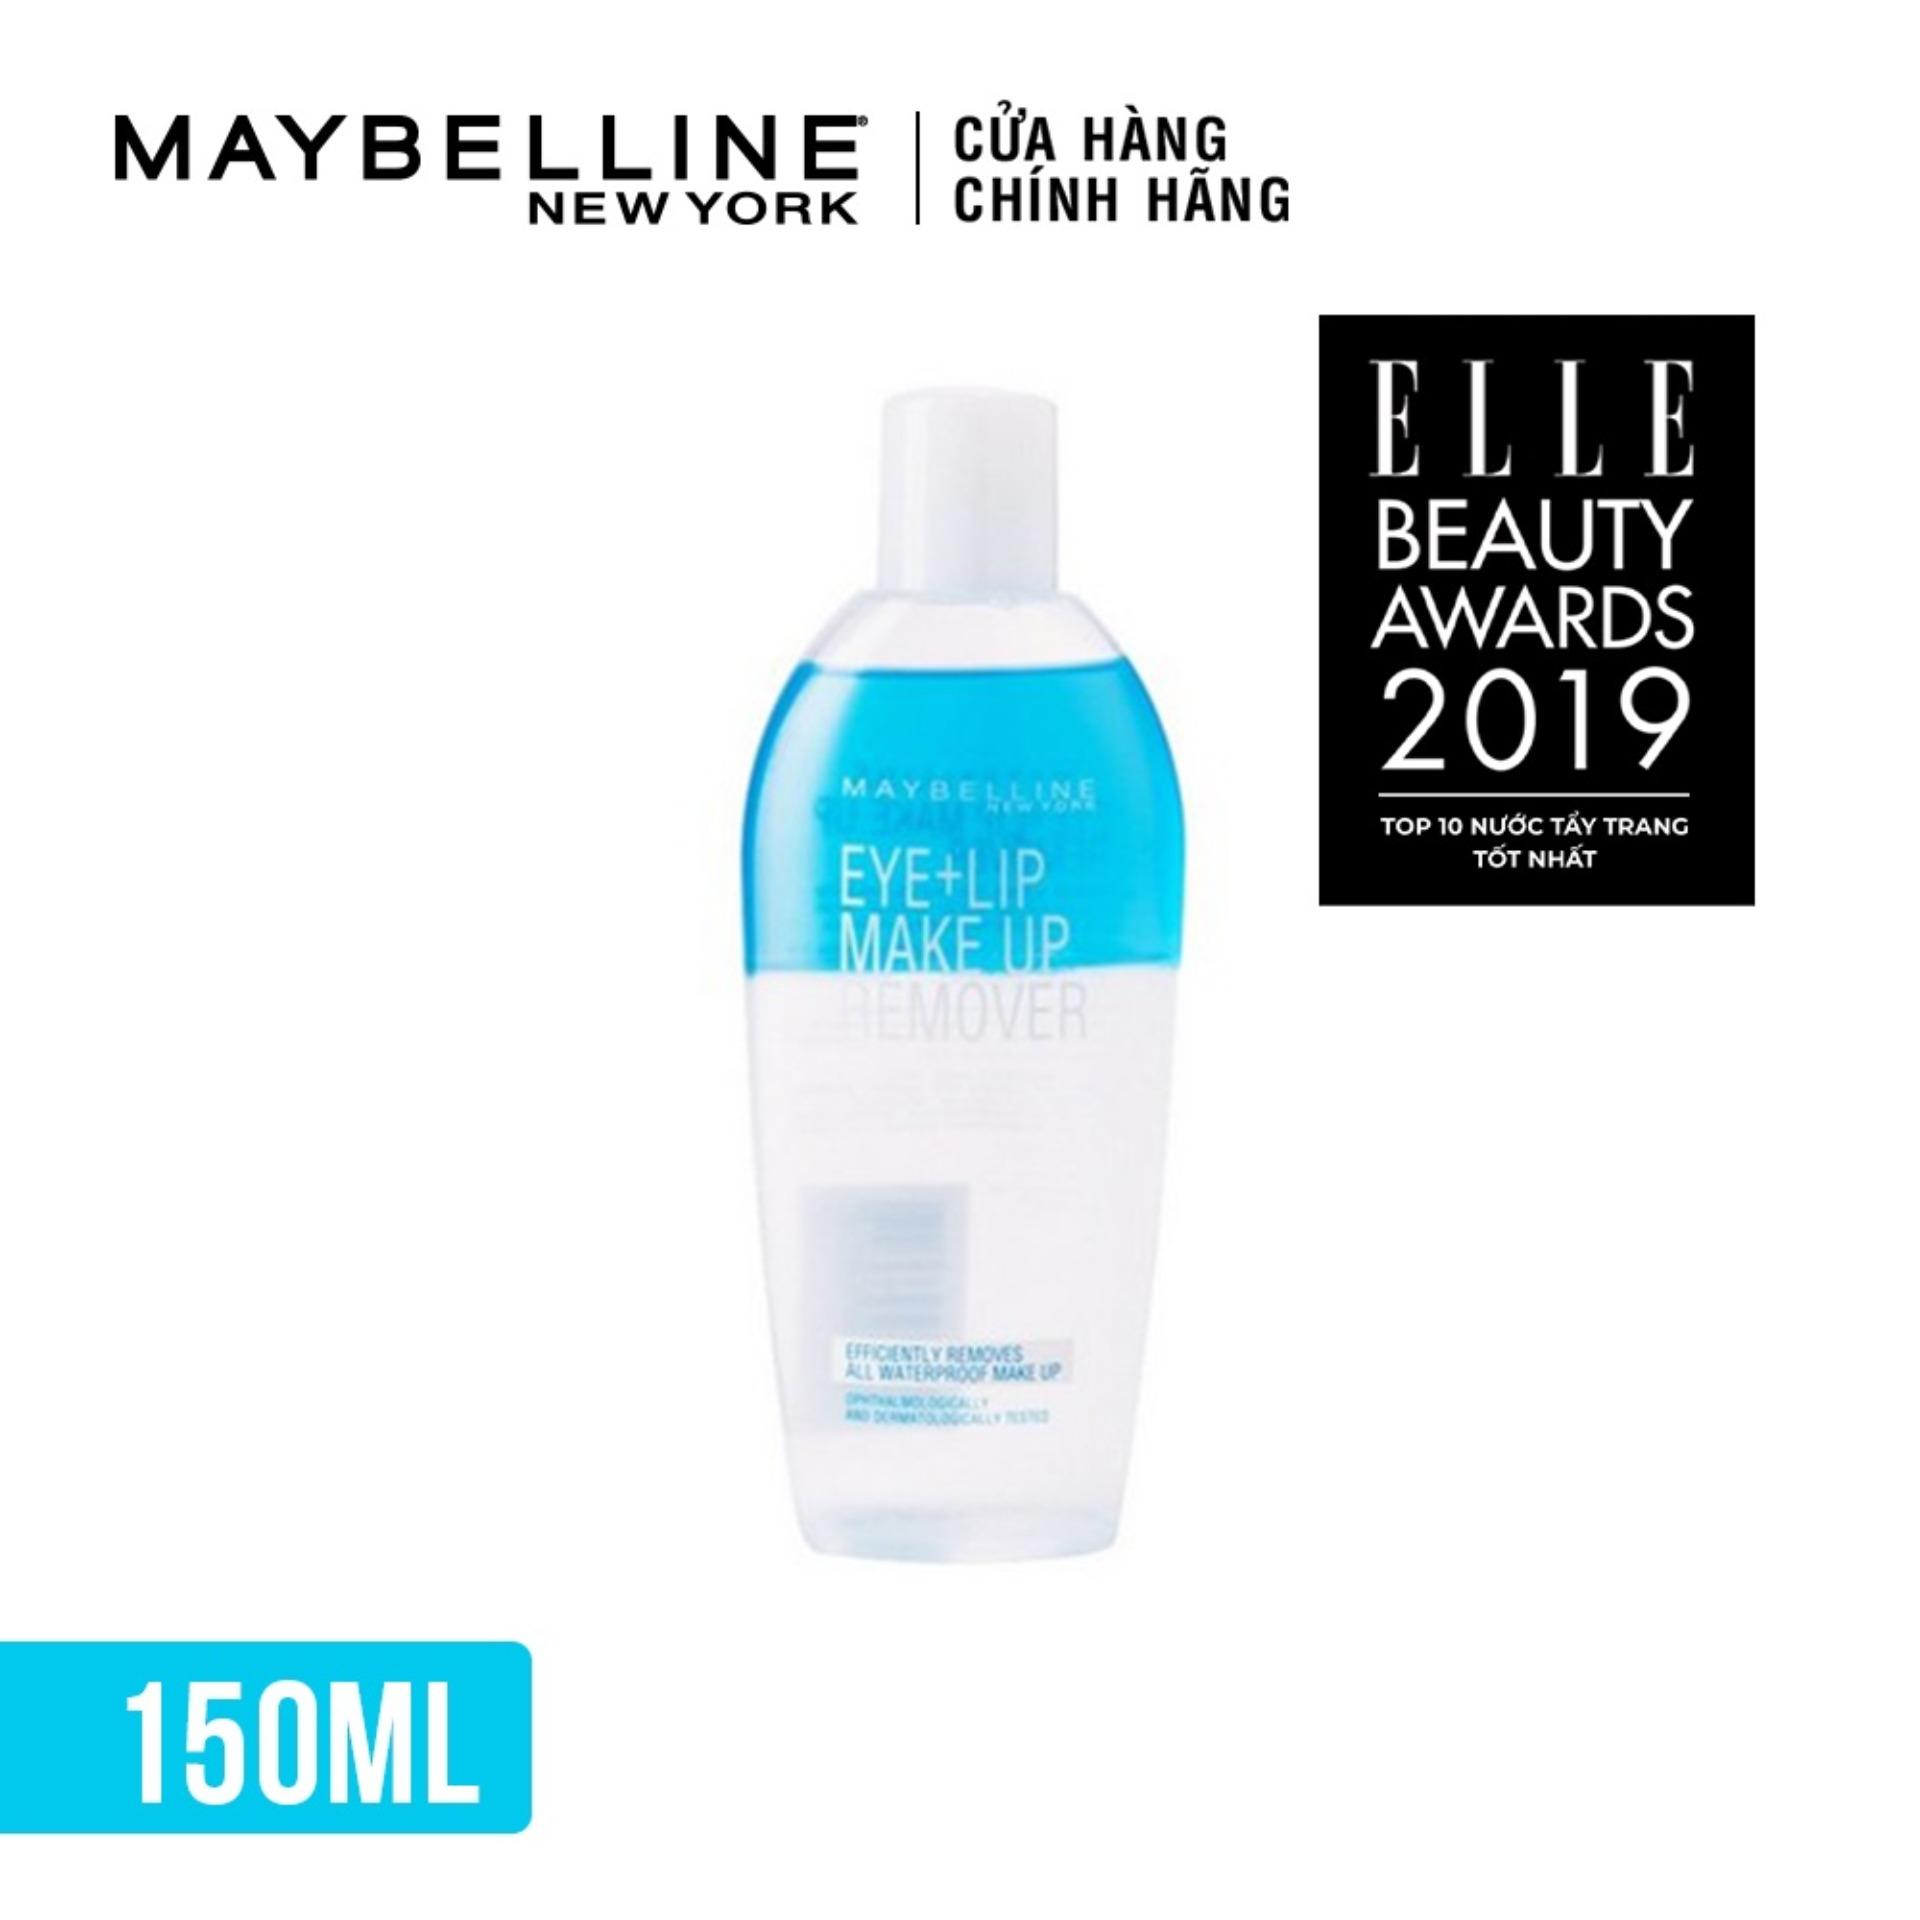 Nước tẩy trang vùng mắt và môi Maybelline New York Eye & Lip Makeup Remover 150ml